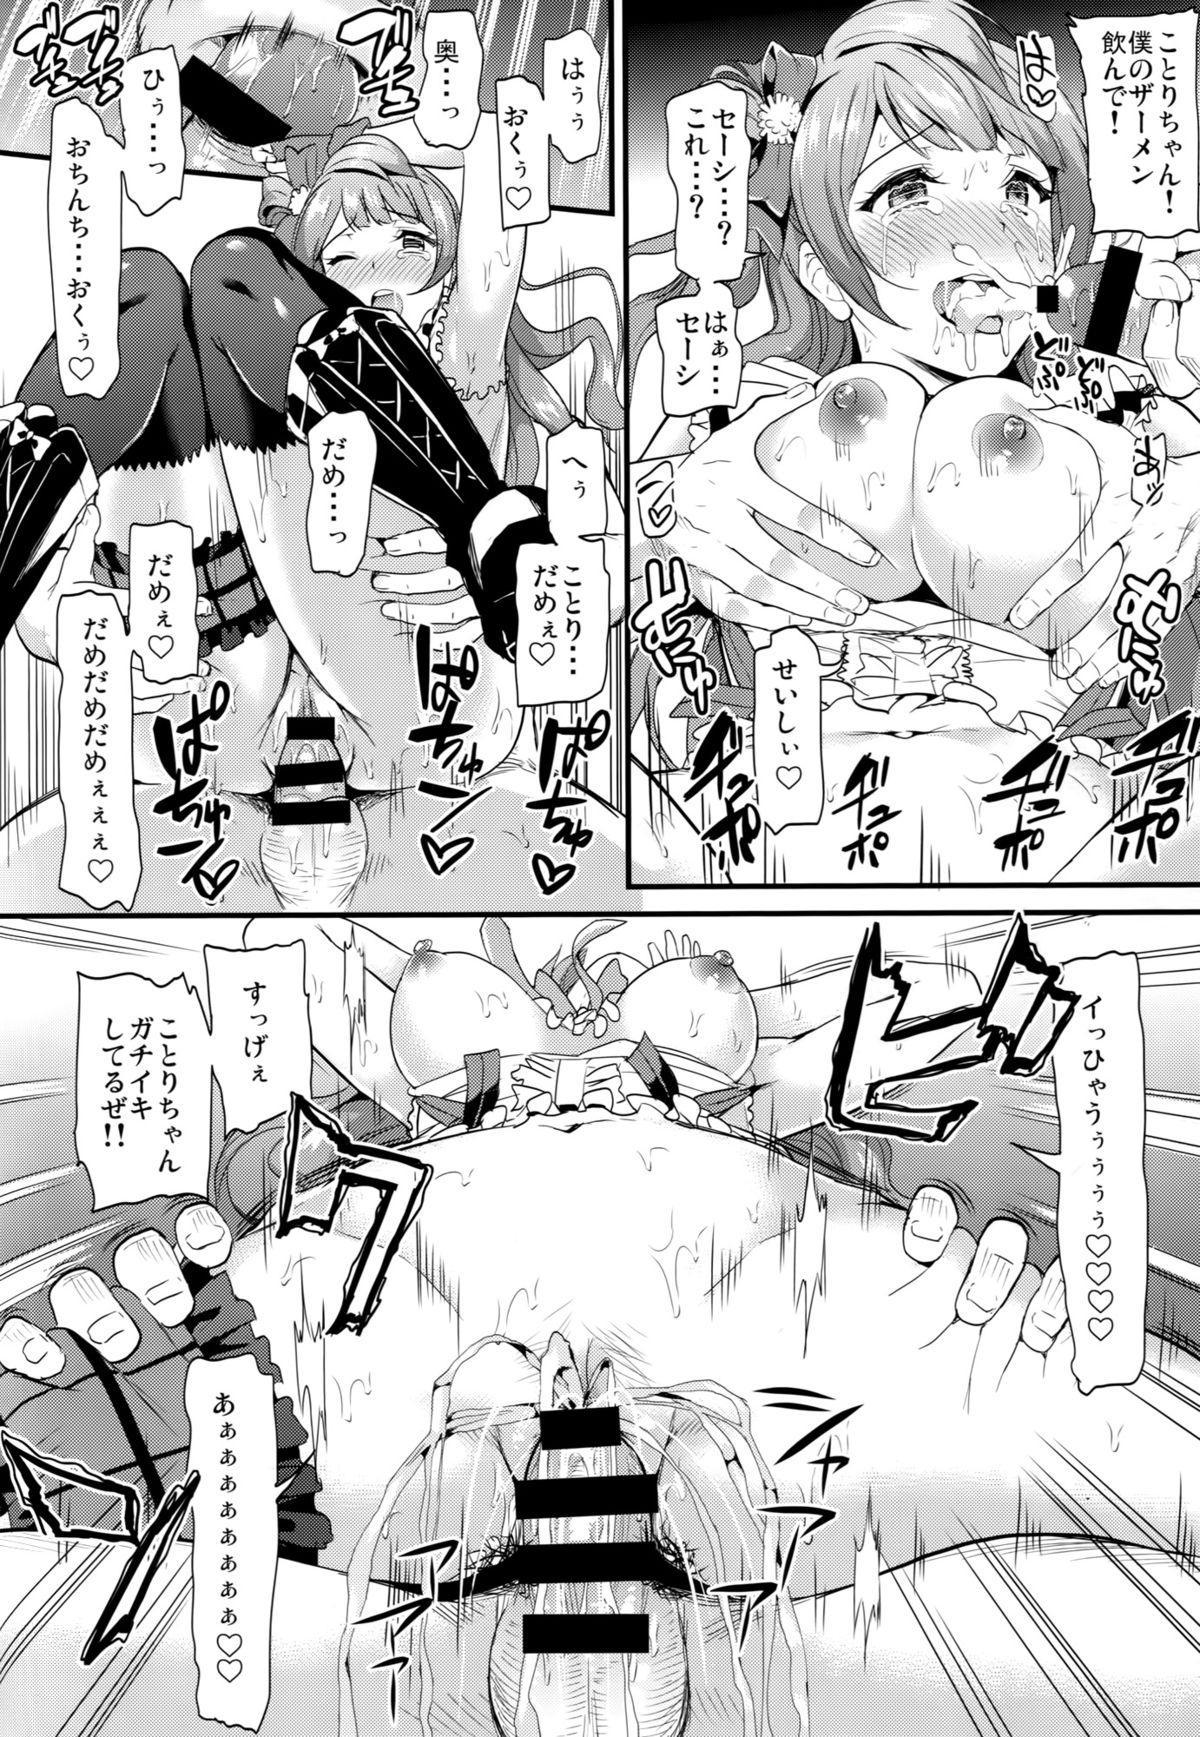 Kotori no Okage 24